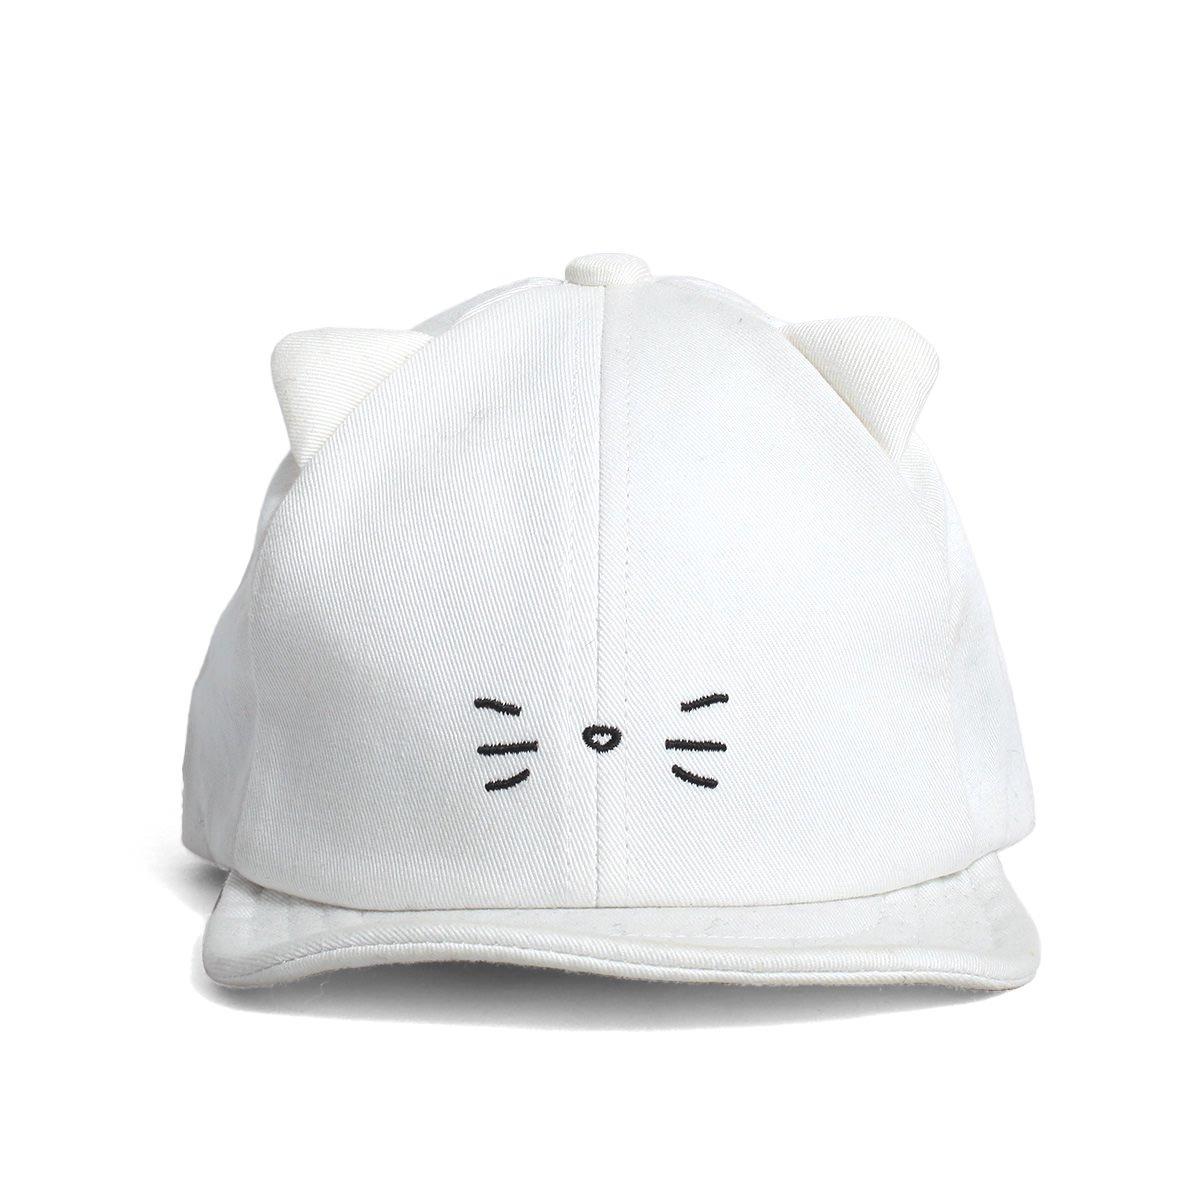 【KIDS】Cat Ear Cap 詳細画像2